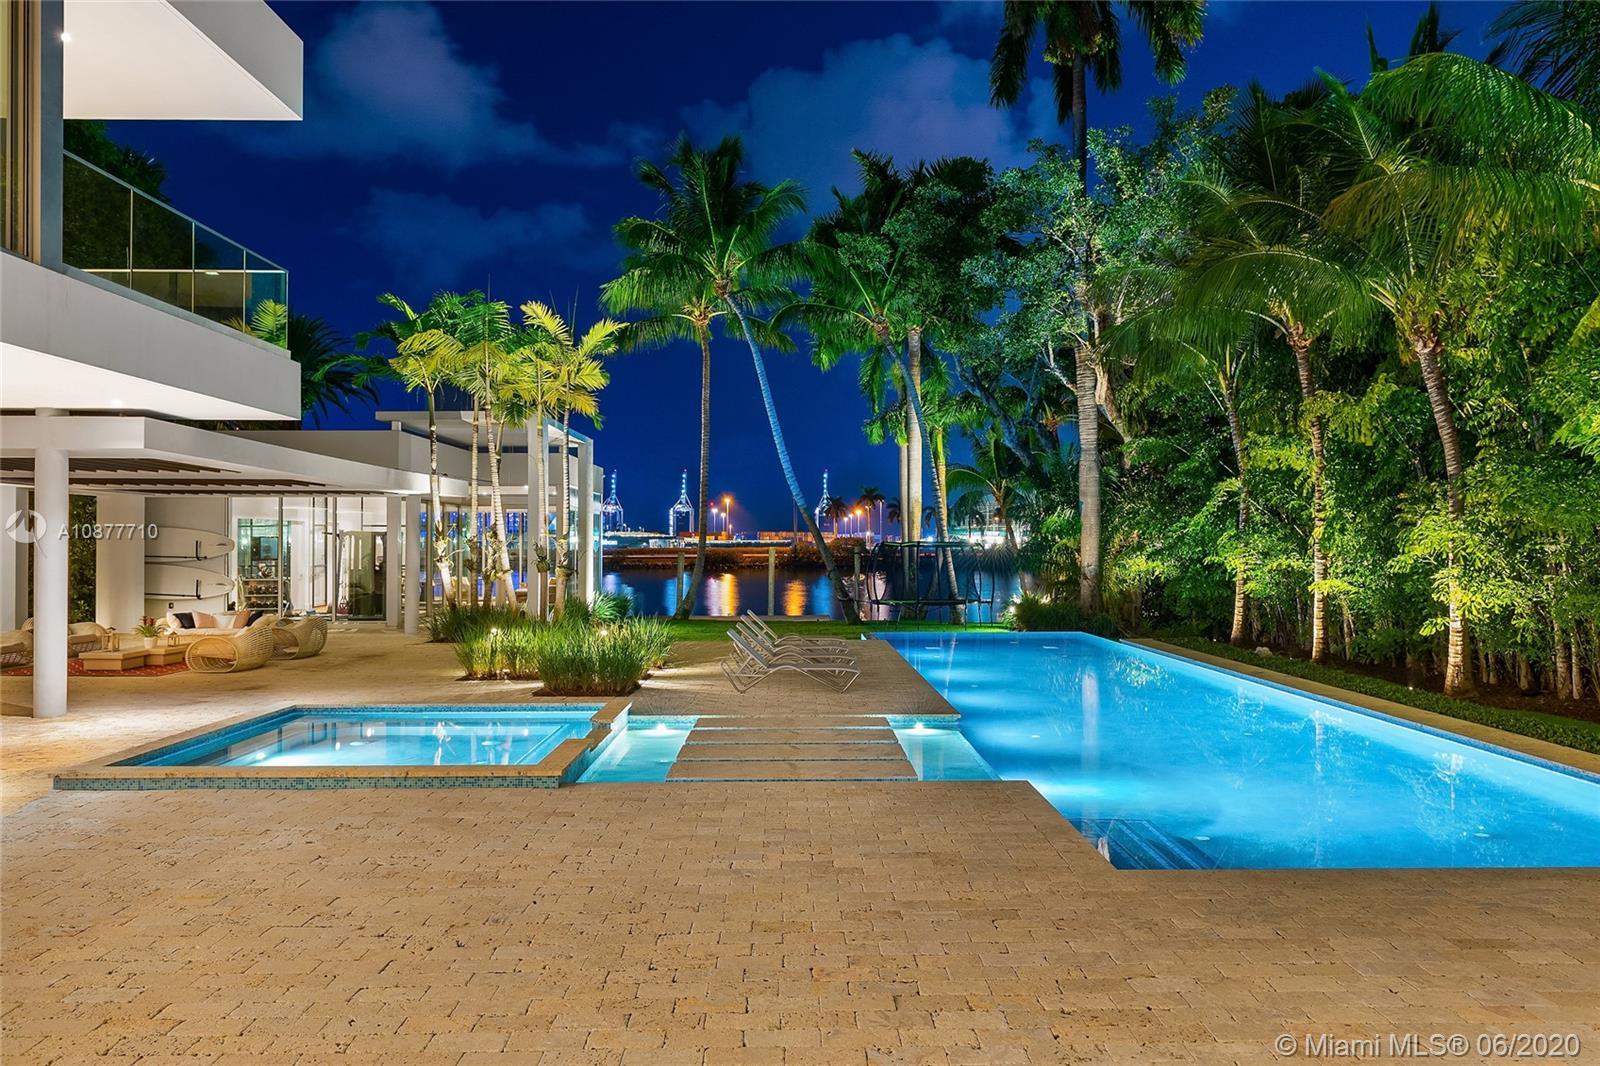 30 Palm ave- miami-beach-fl-33139-a10877710-Pic65